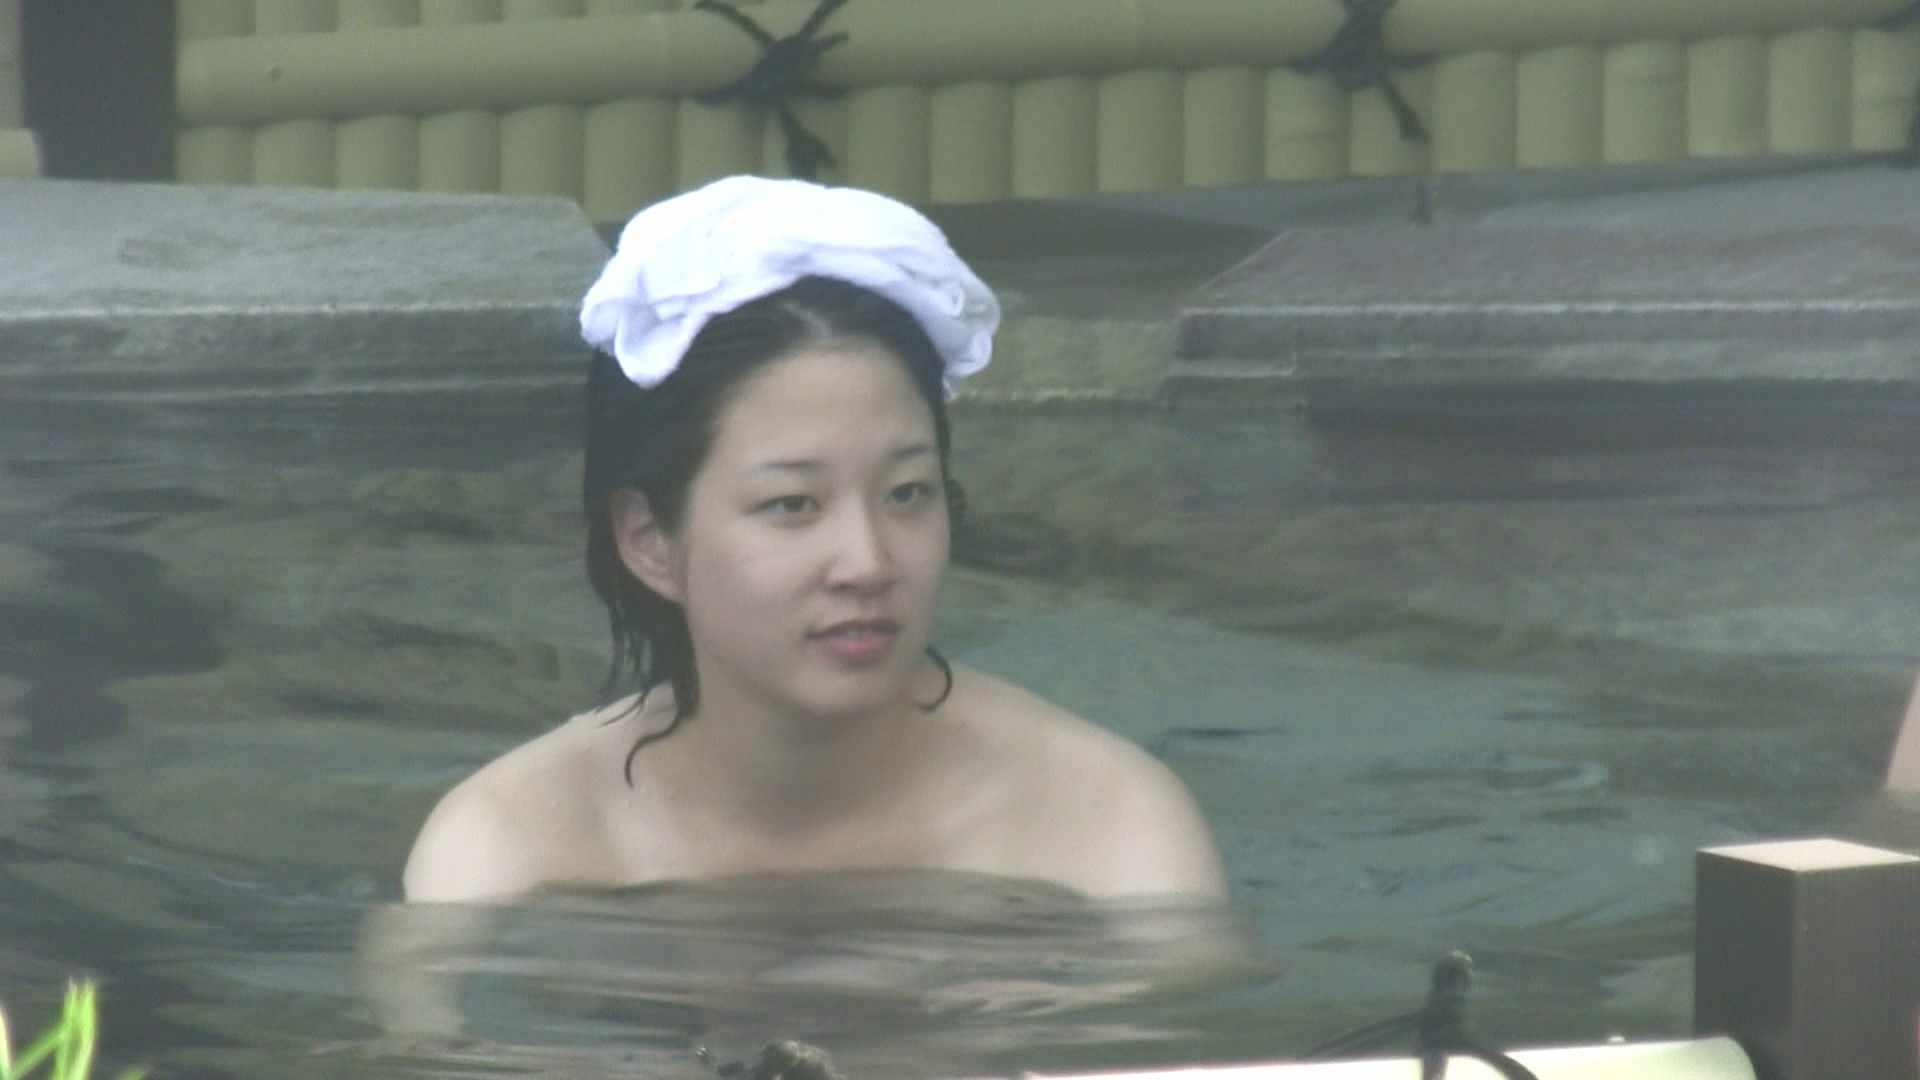 Aquaな露天風呂Vol.172 盗撮動画 | 露天風呂  11枚 1